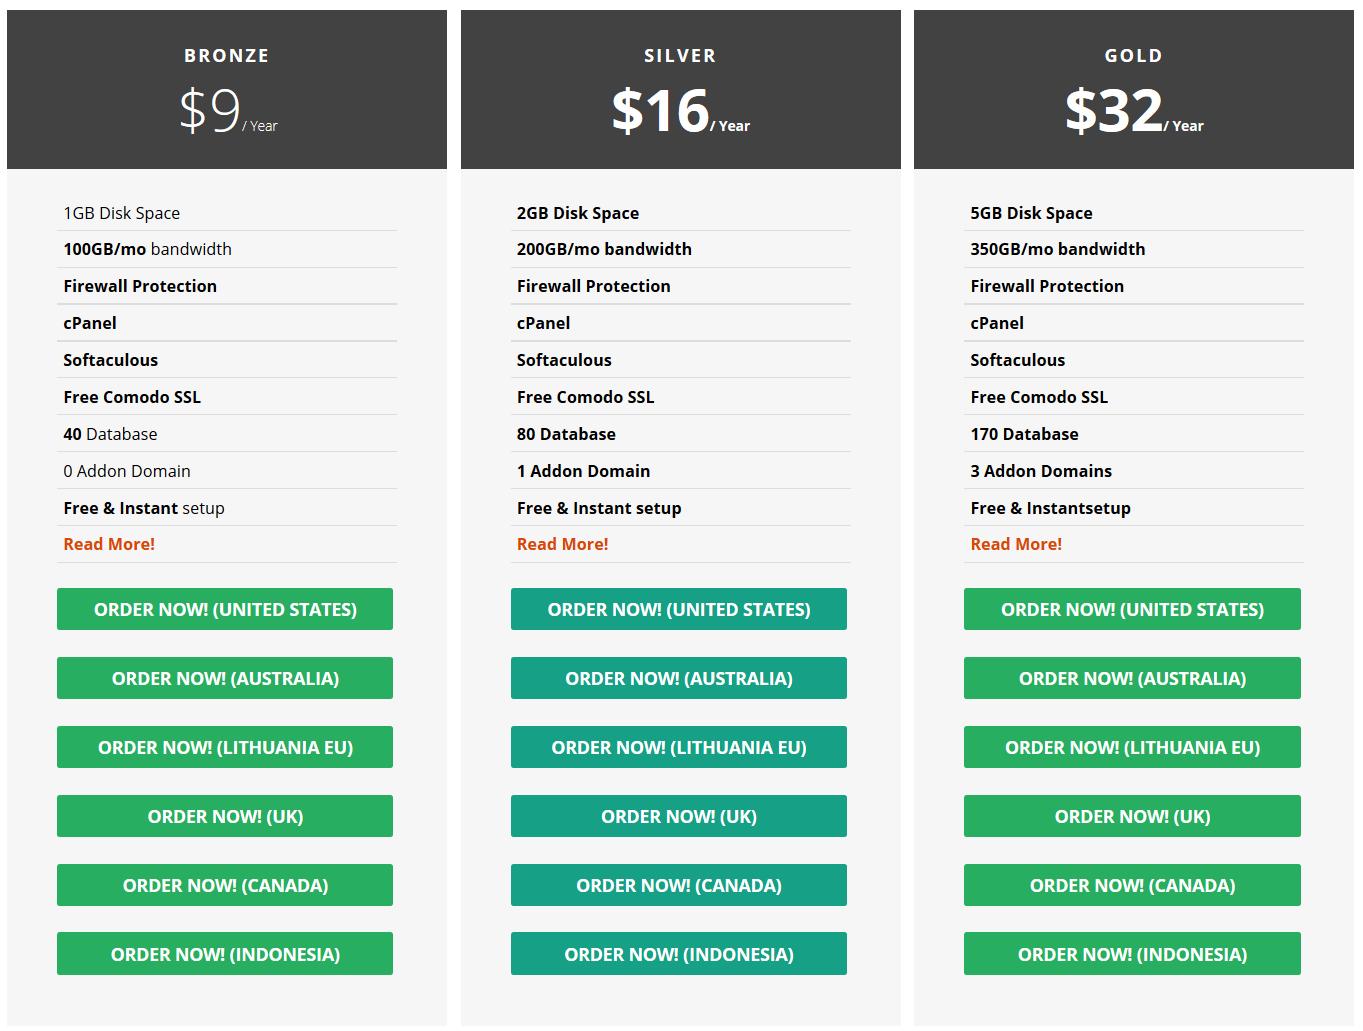 Dewlance Affordable US UK CA EU AU ID IN Web Hosting - $9 Year